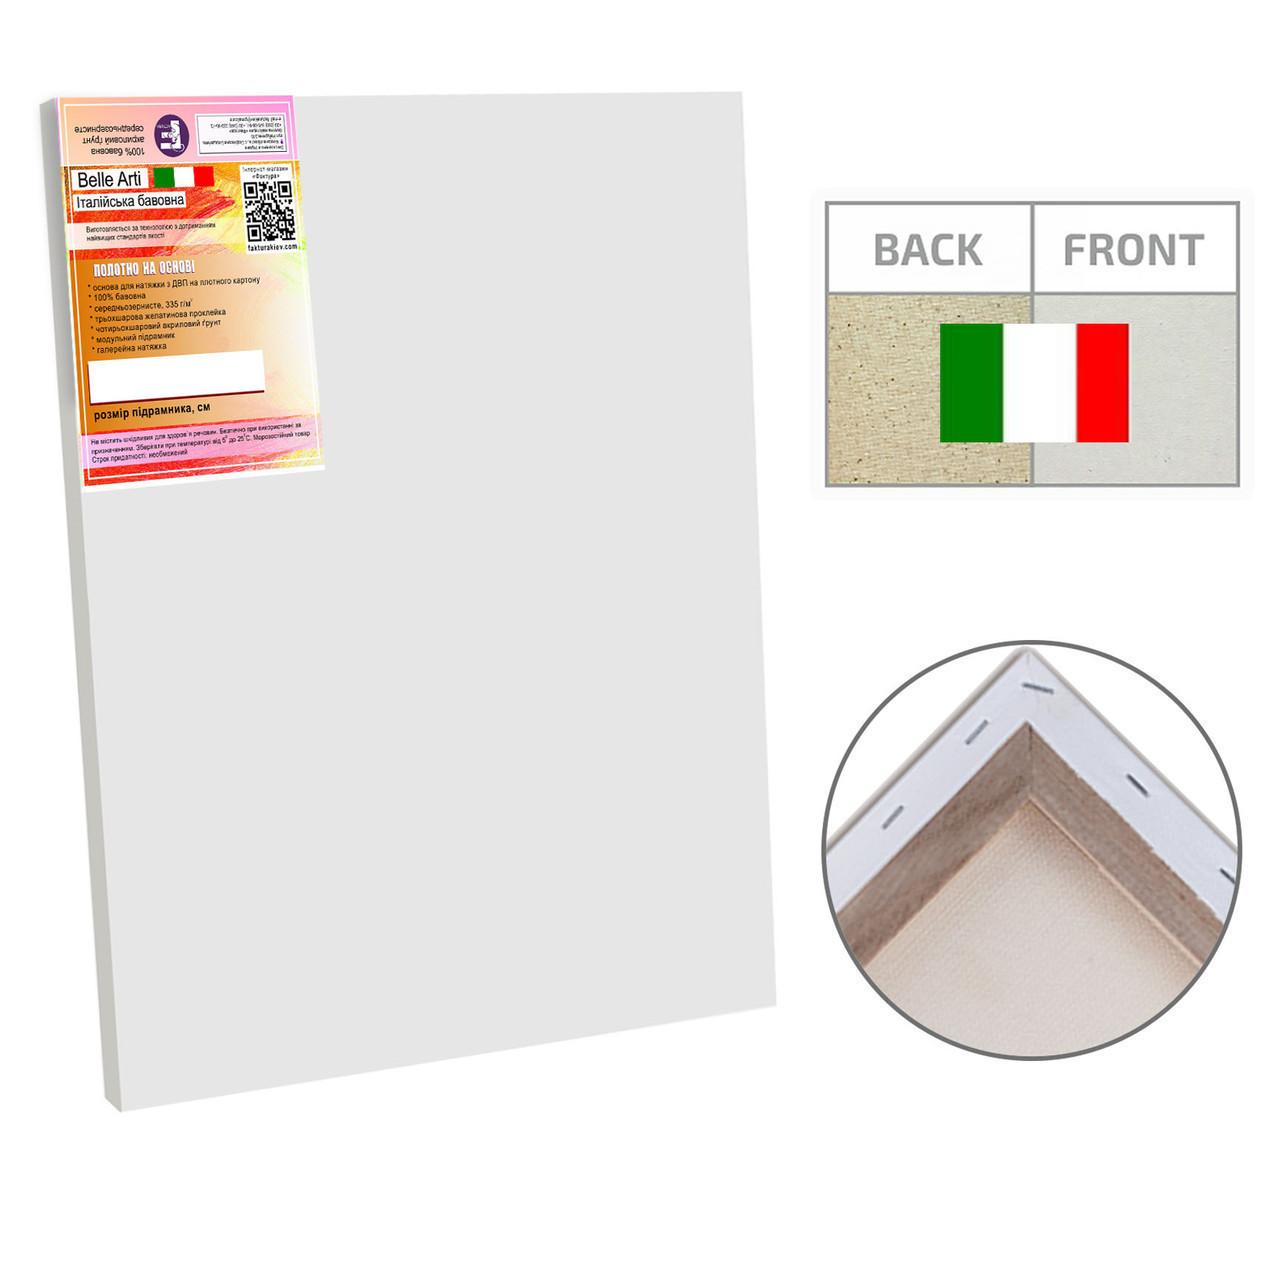 Холст на подрамнике Factura BelleArti 25х25 см Итальянский хлопок 285 грамм кв.м. среднее зерно белый, фото 1